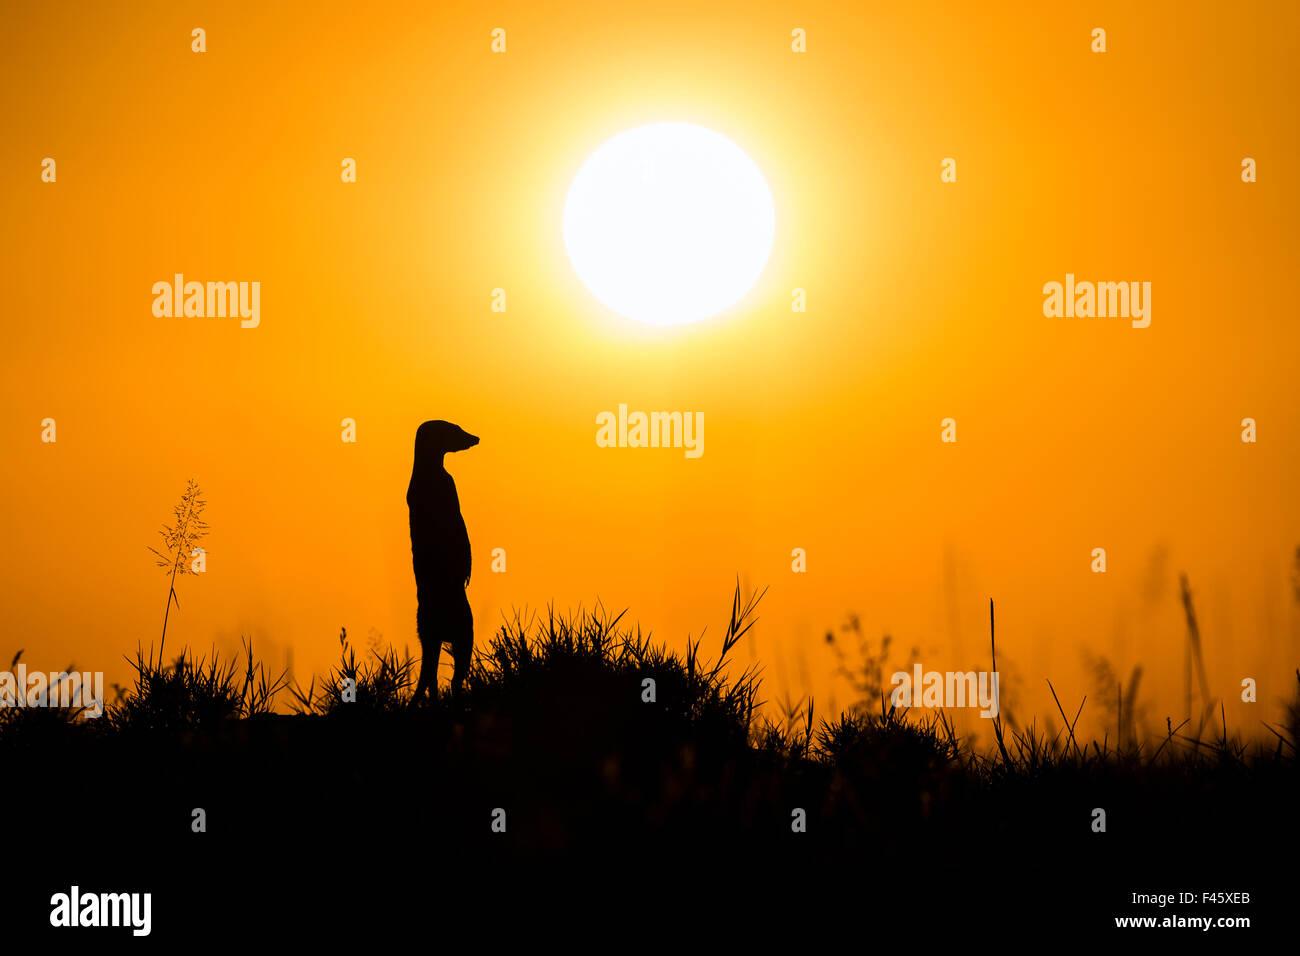 Meerkat (Suricata suricatta) standing alert on hind legs at sunset, Makgadikgadi Pans, Botswana. - Stock Image